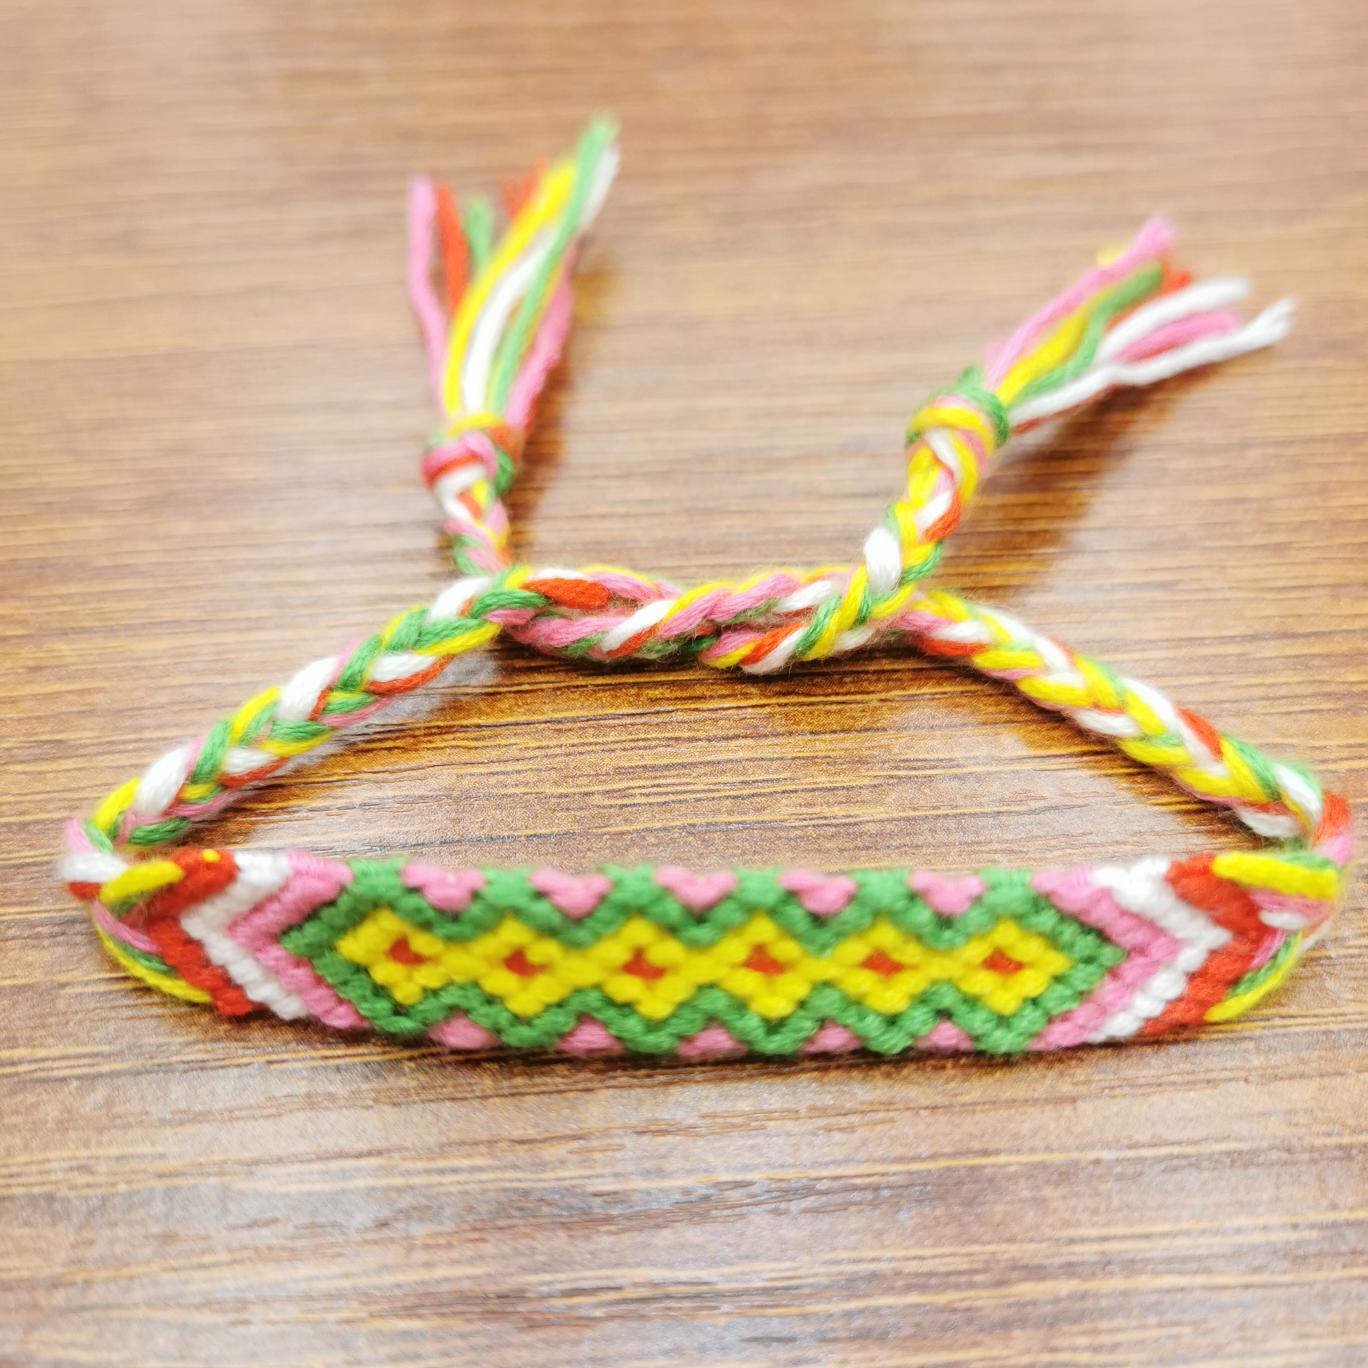 时尚手链欧美尼泊尔编织友谊手链 纯手工编织民族风 波西米亚风编织饰品 短款多色编织手链